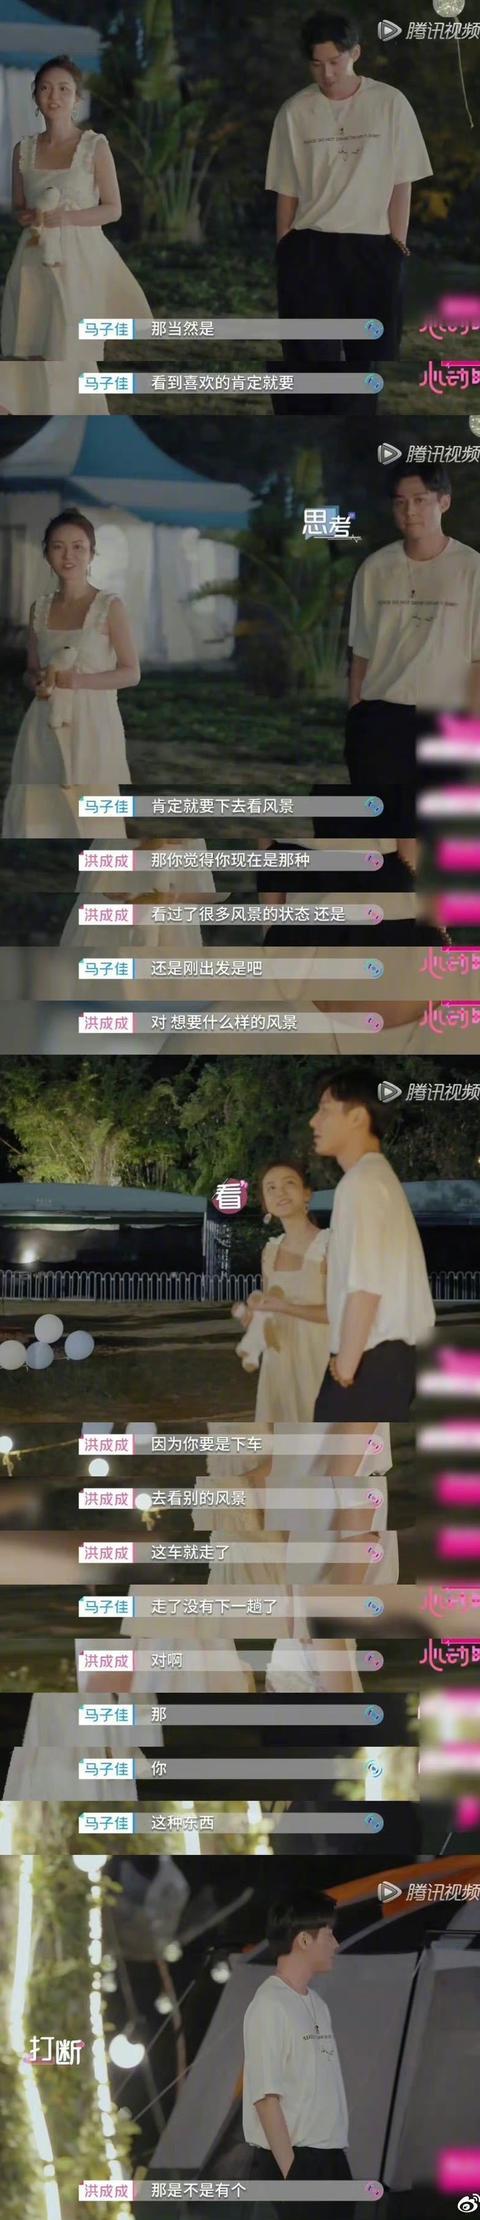 """心动的信号第四季素人女嘉宾""""恋爱风景论""""爆红网络"""